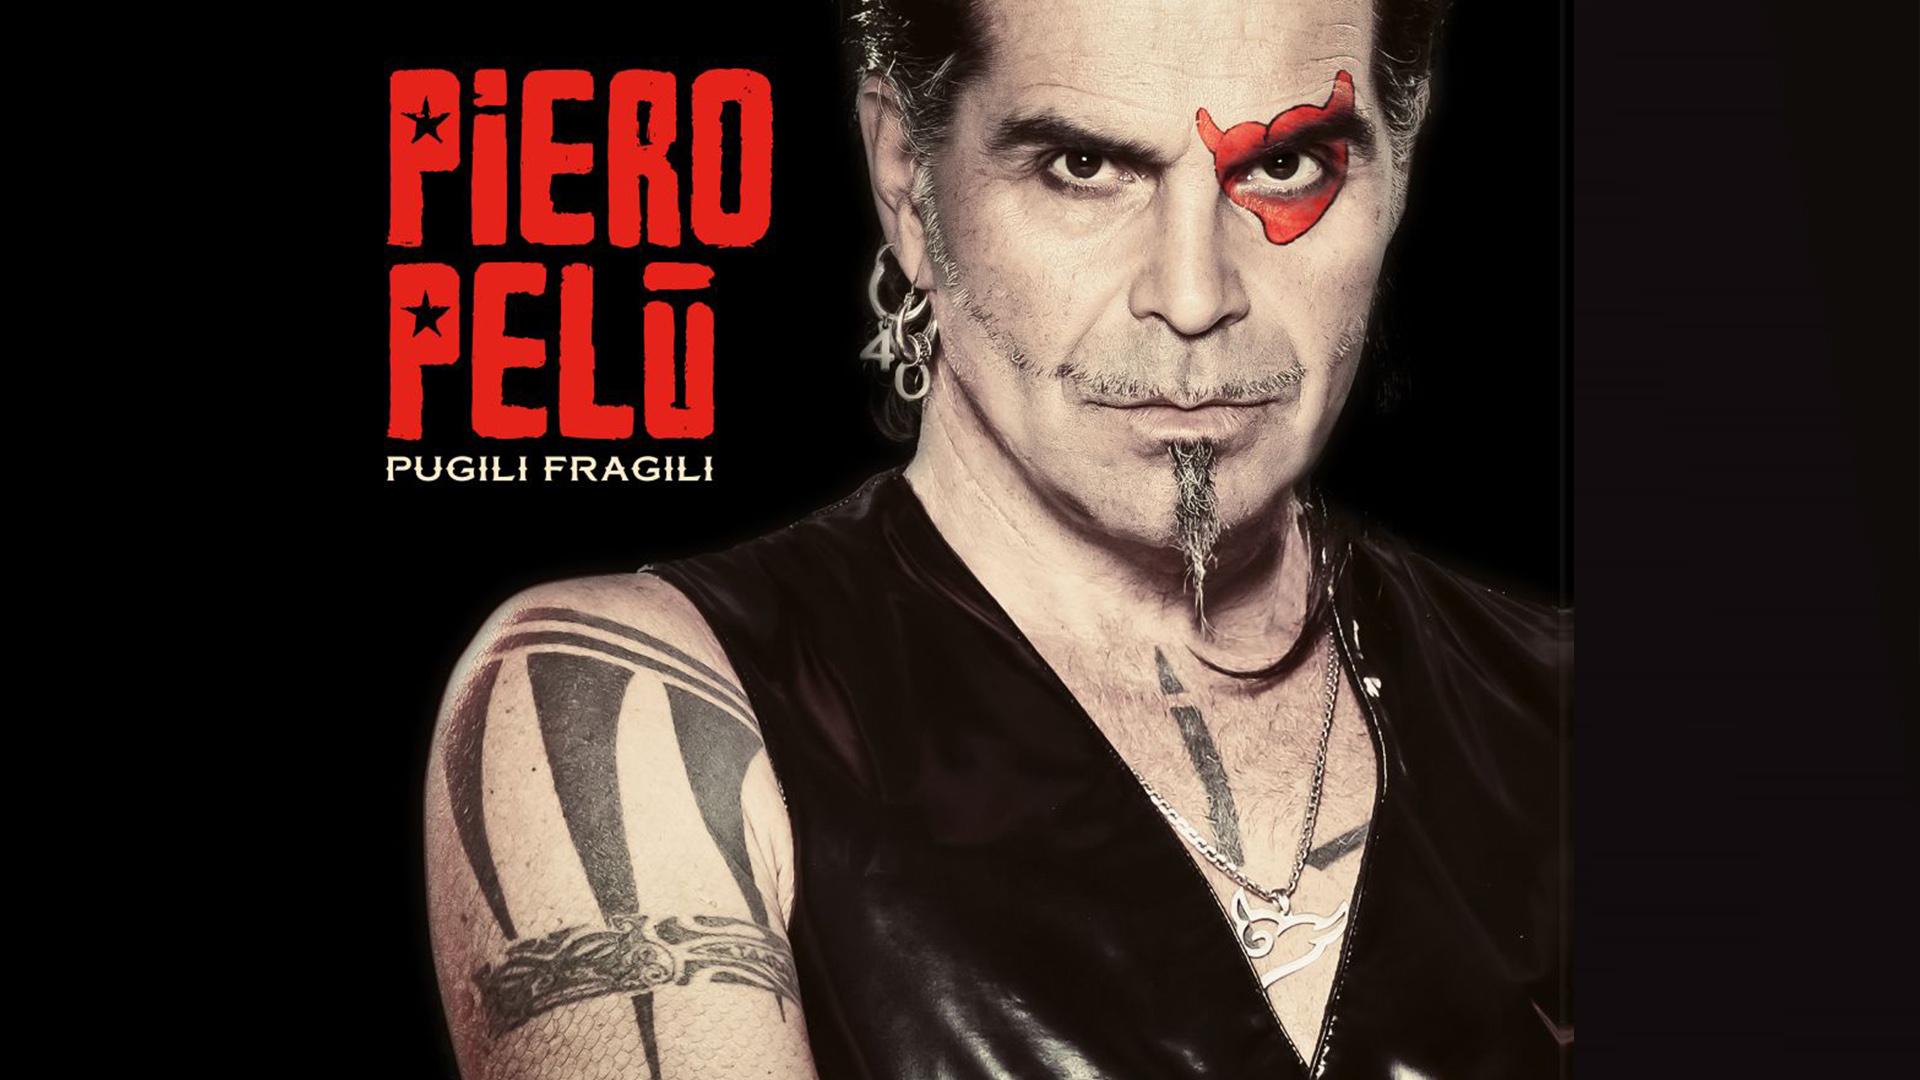 Piero-pelu3